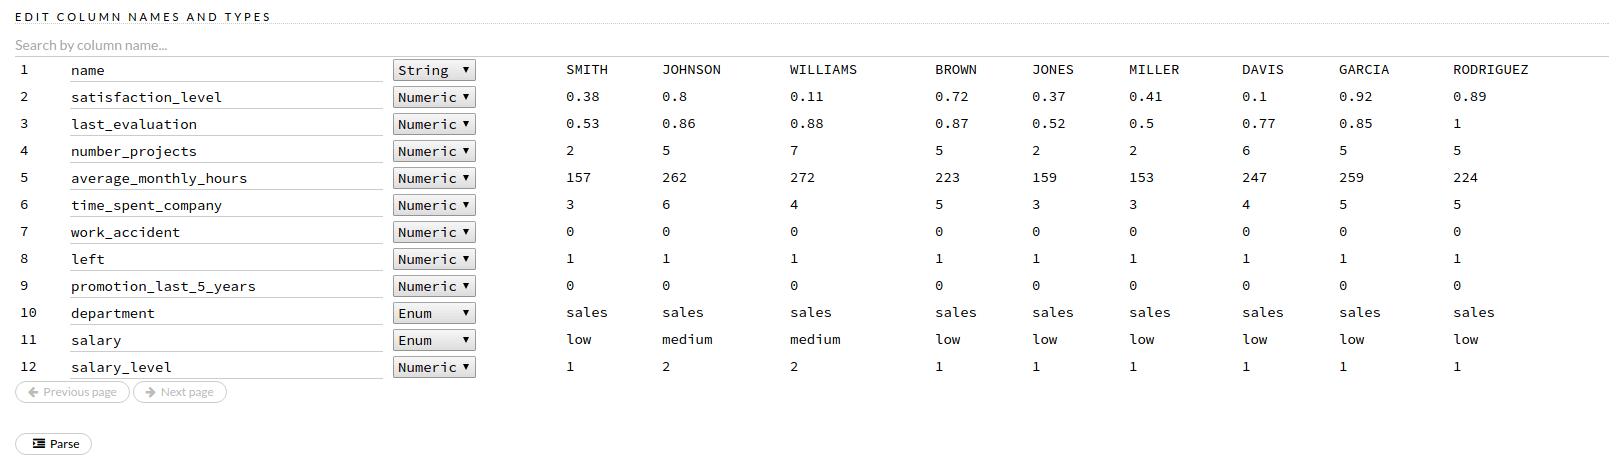 HR data 2